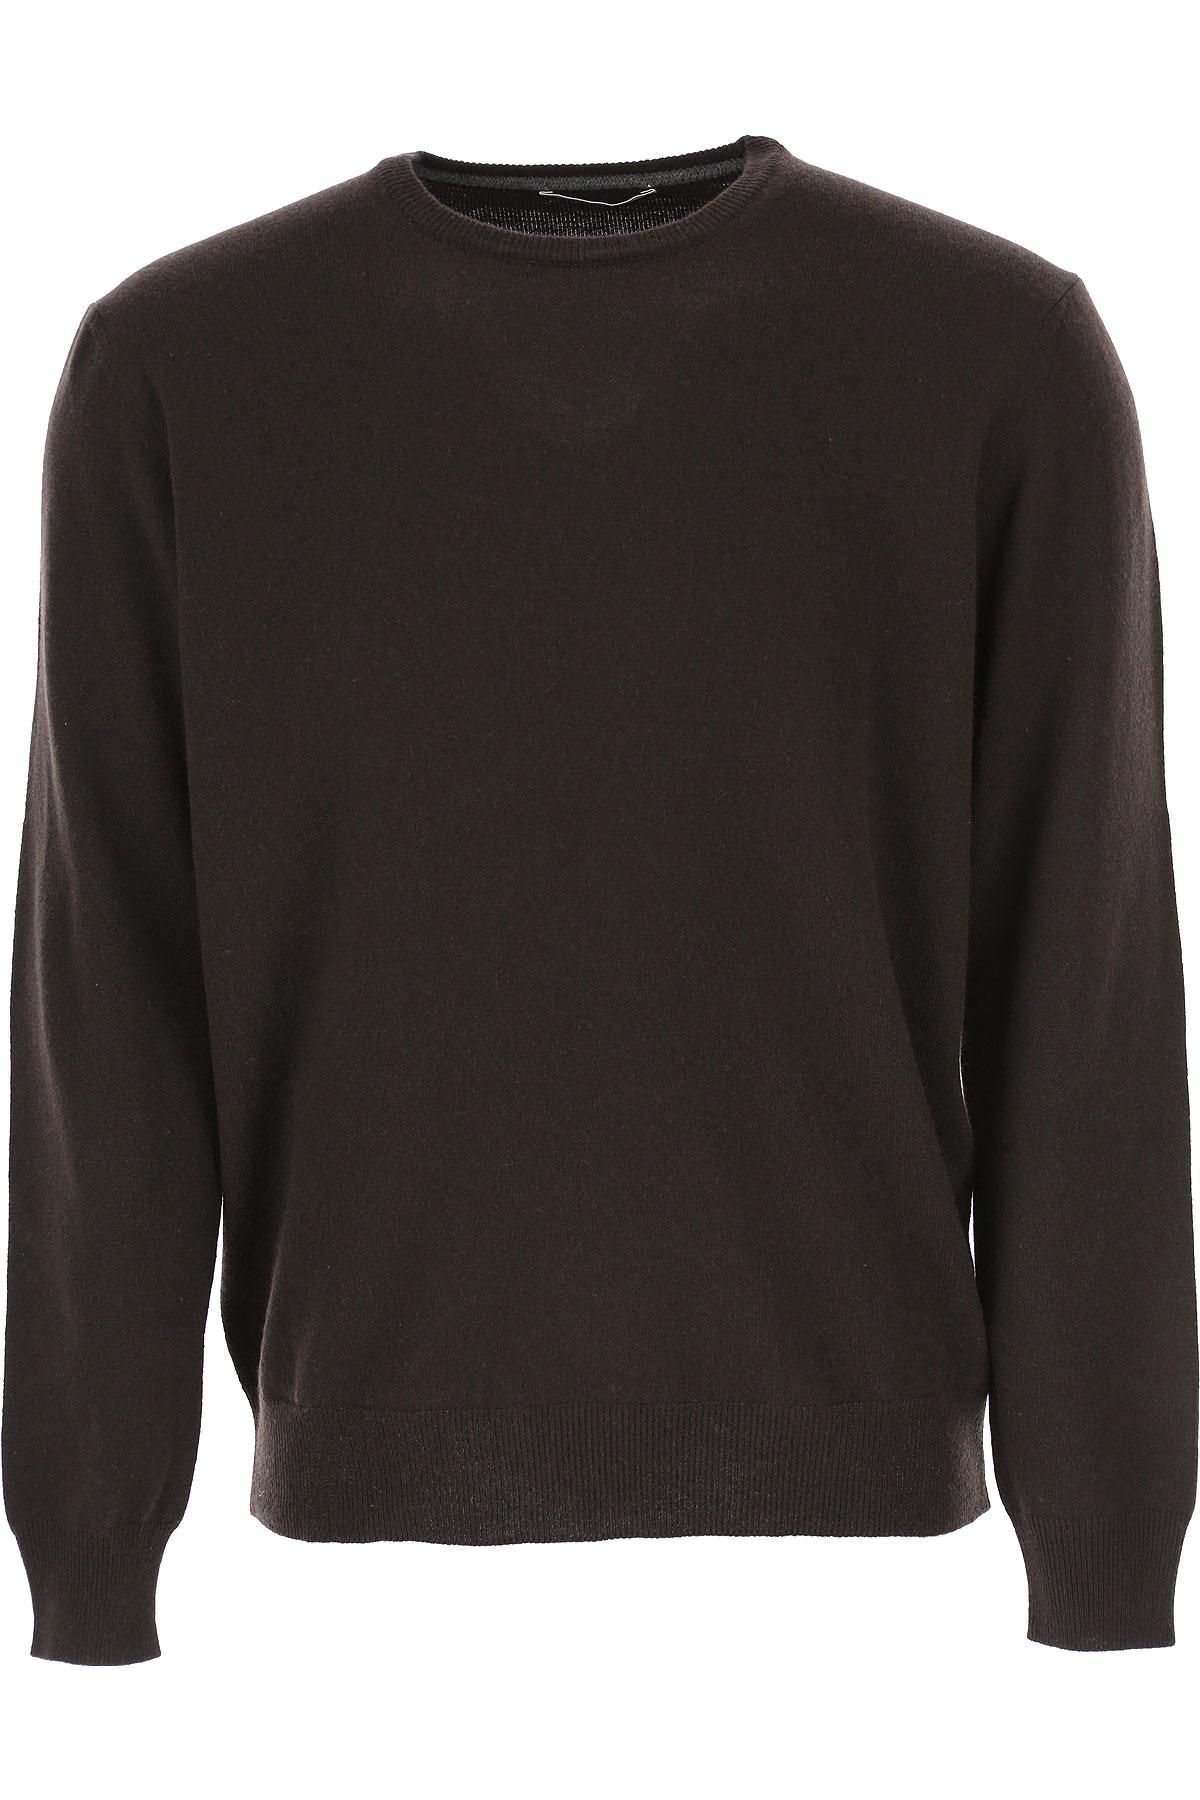 Kangra Sweater for Men Jumper On Sale, Ebony, Wool, 2019, L M S XL